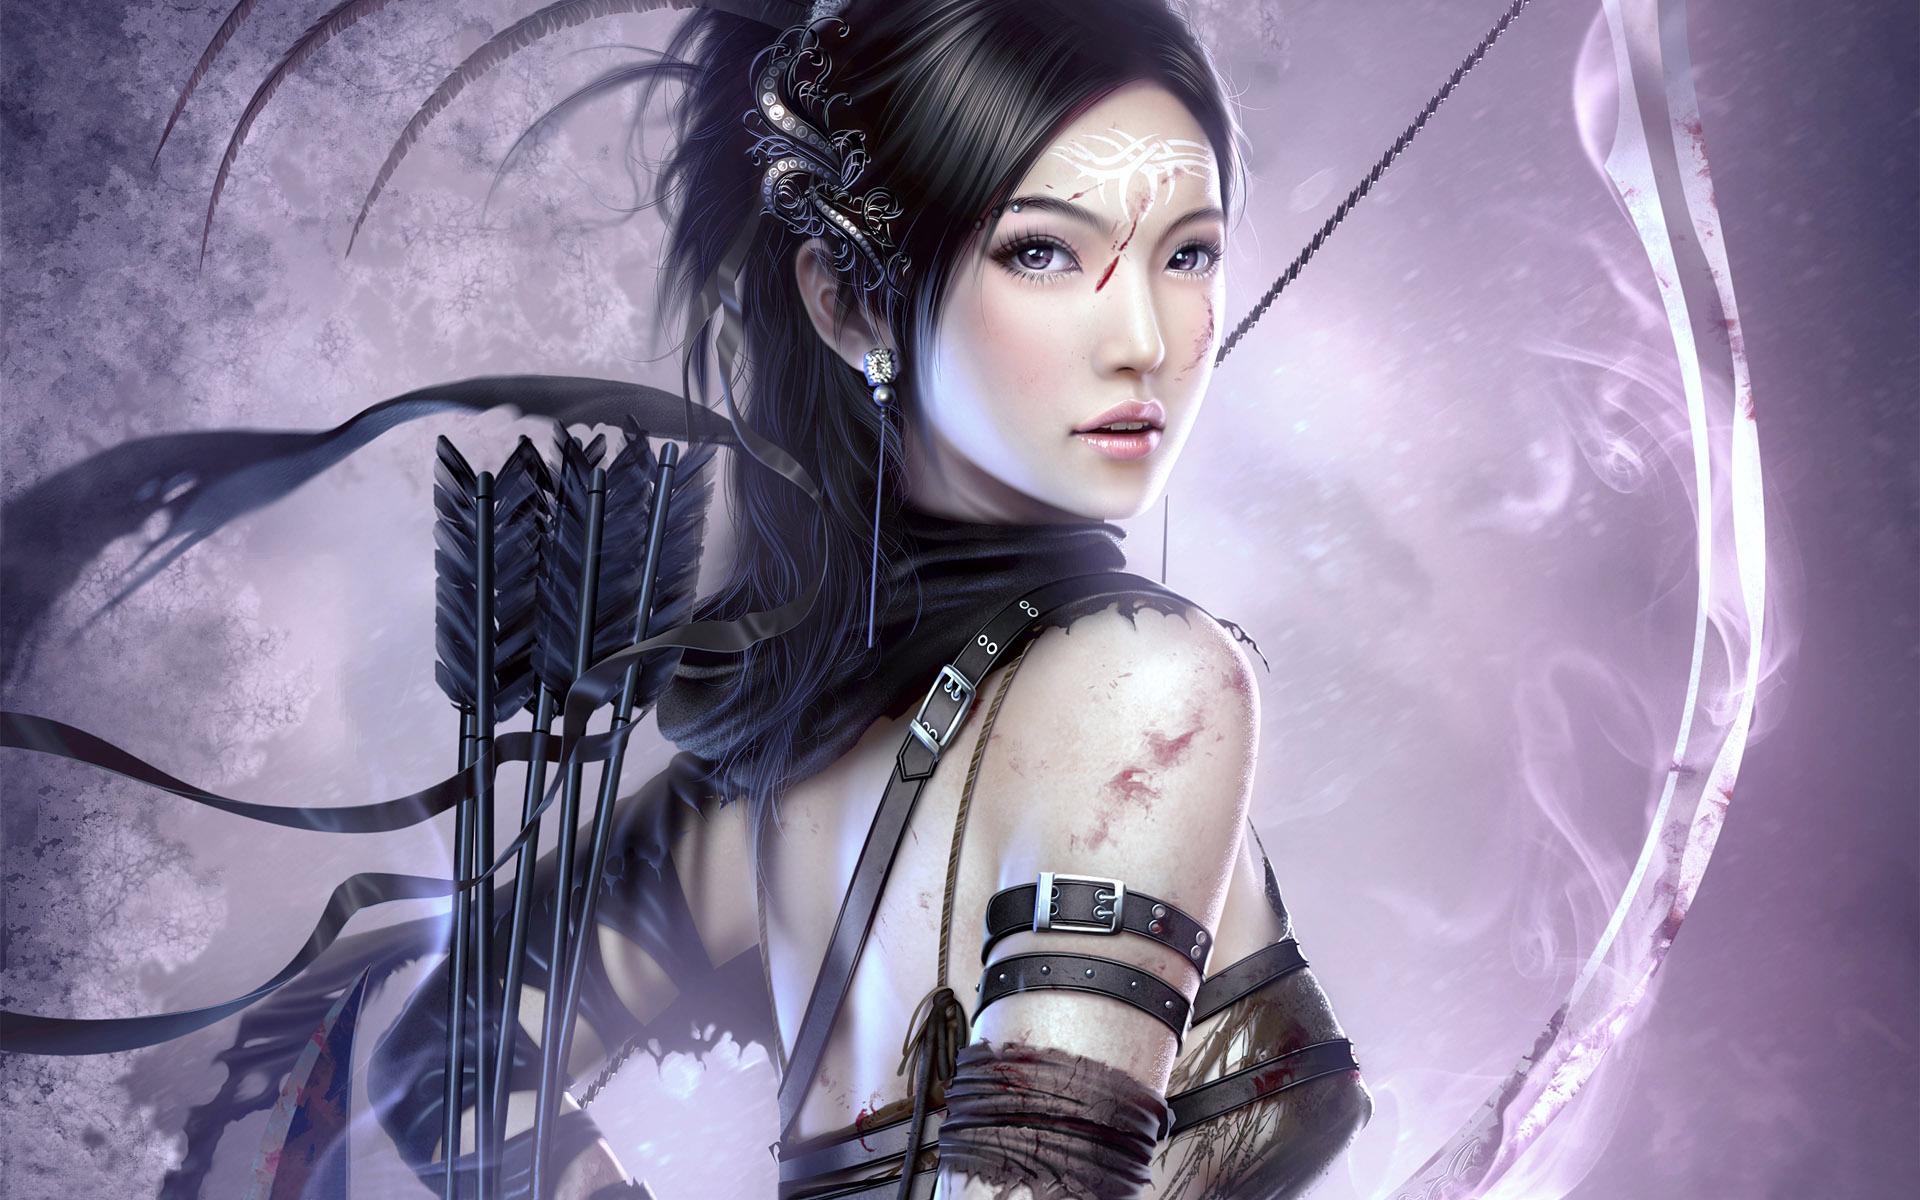 All Asian fantasy art women warriors can